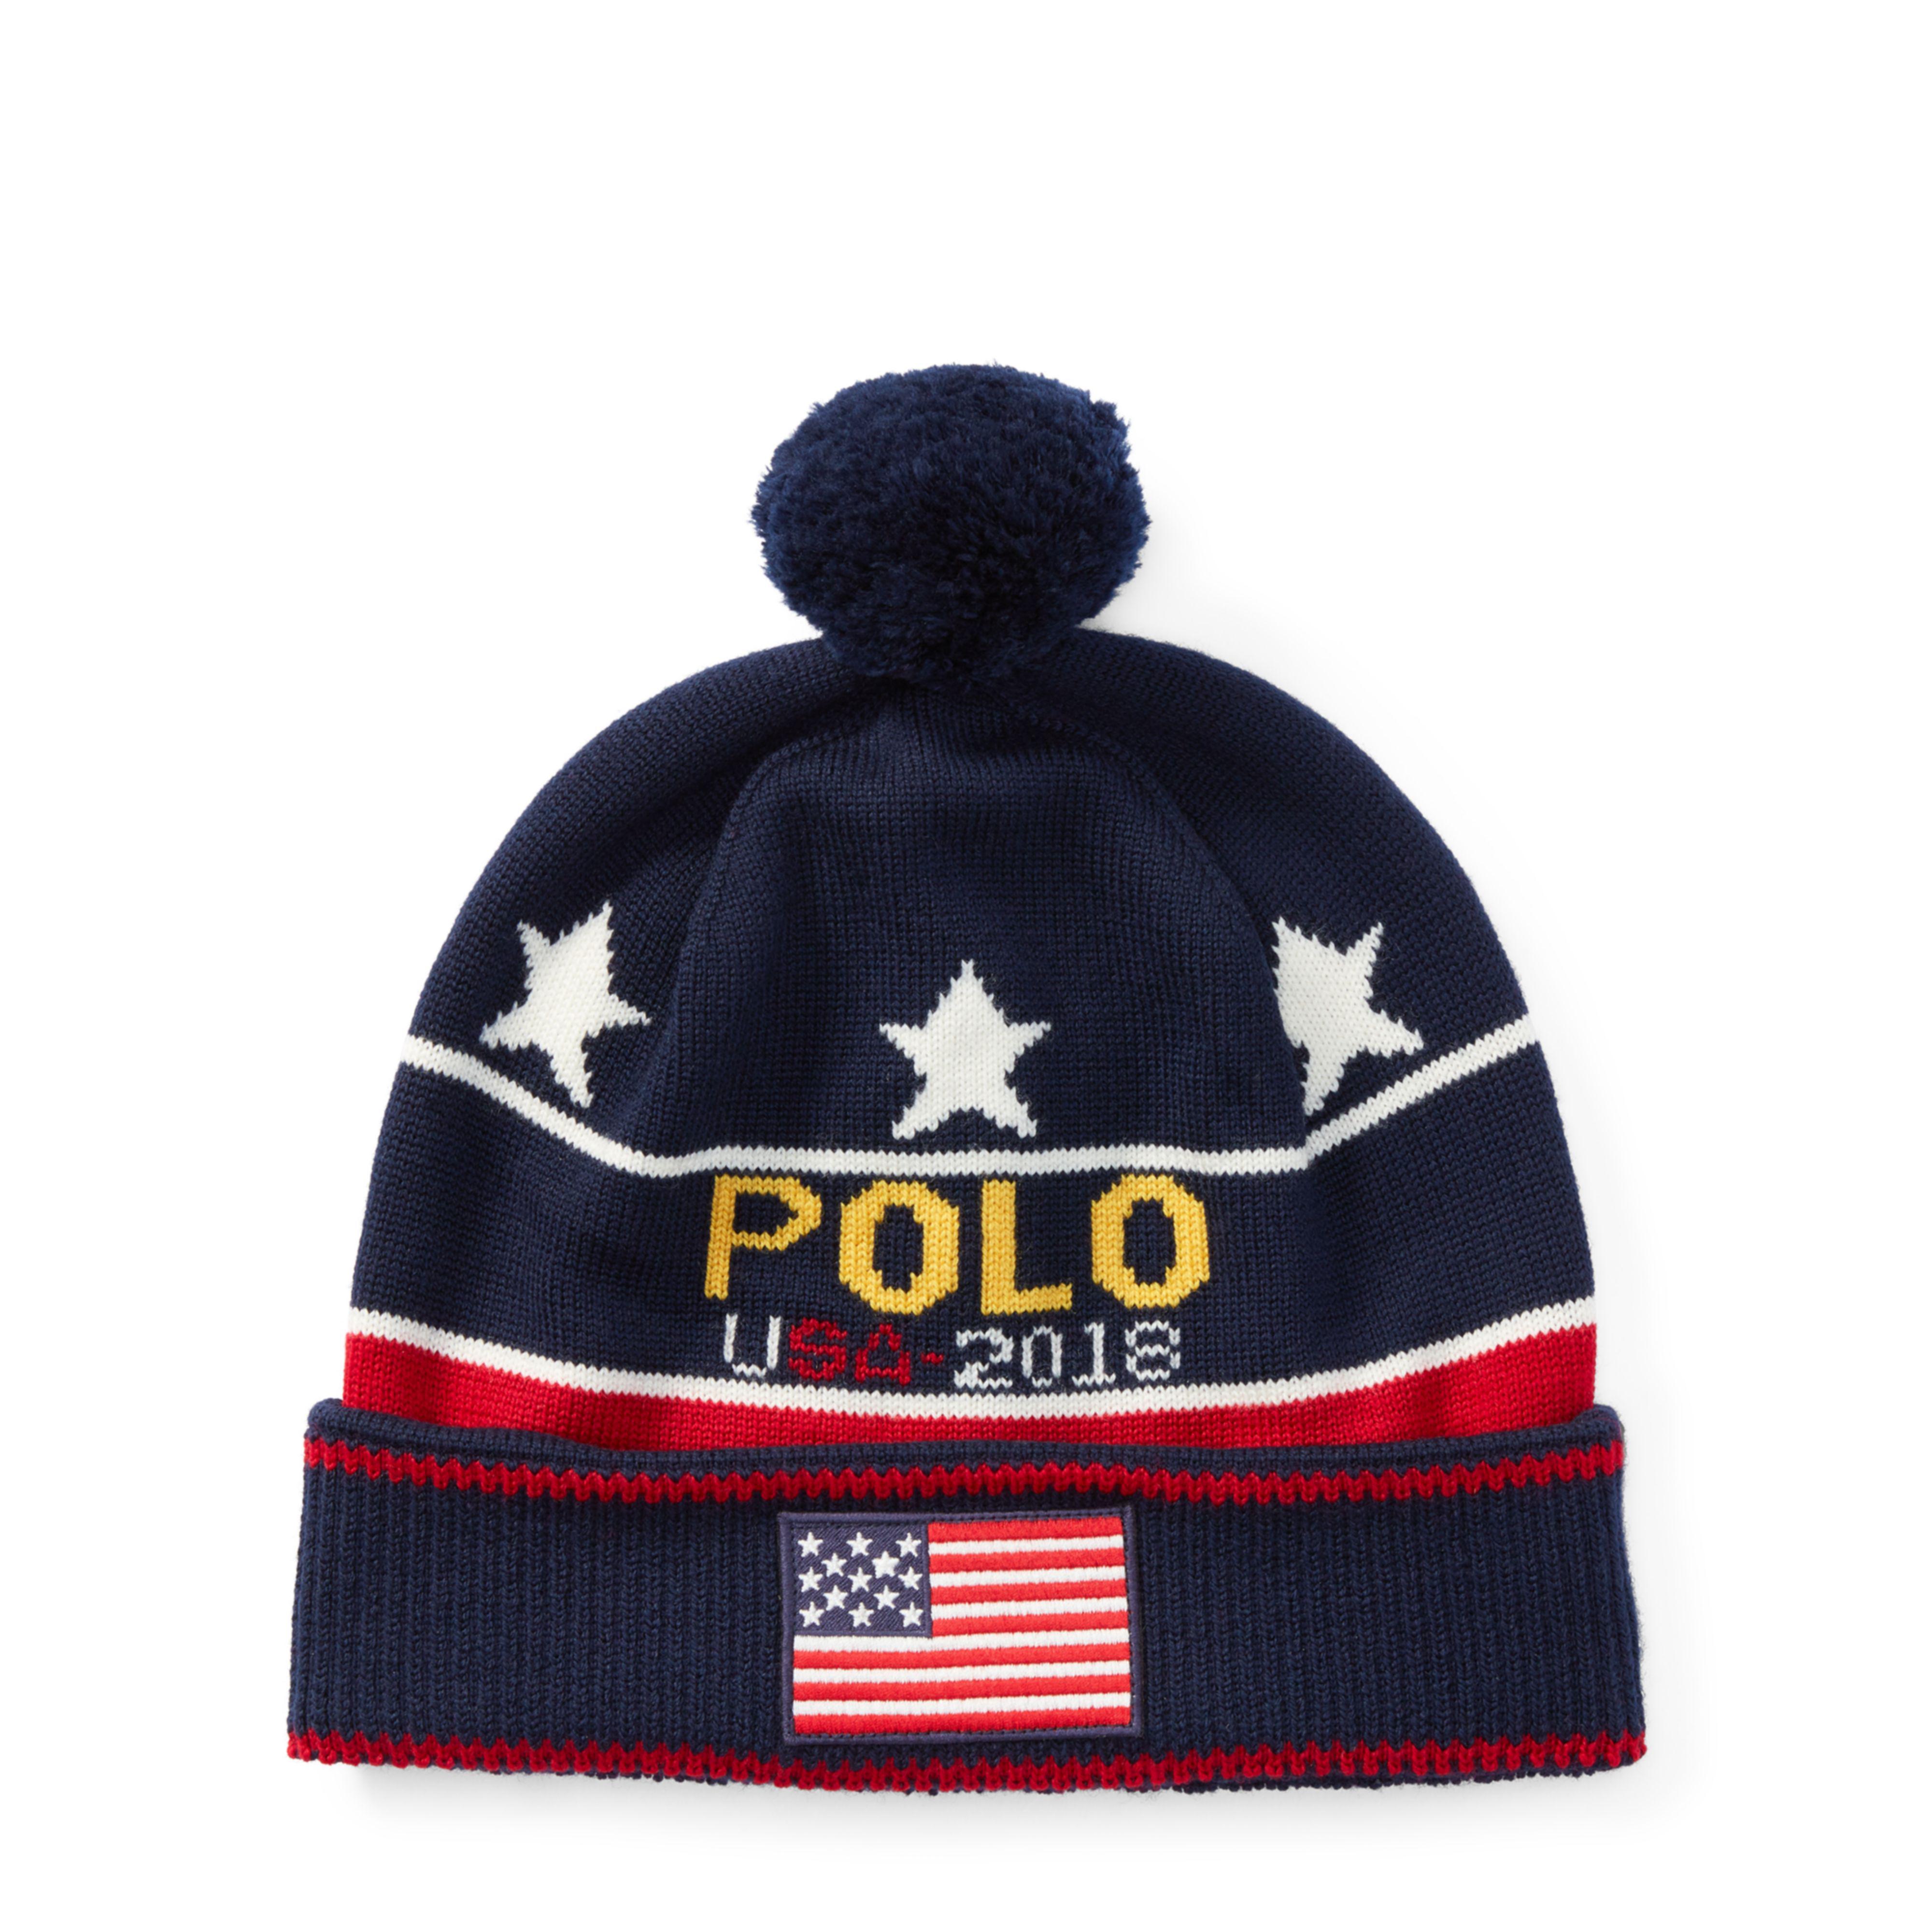 04983370a79 Lyst - Polo Ralph Lauren Polo Merino Wool Hat in Blue for Men